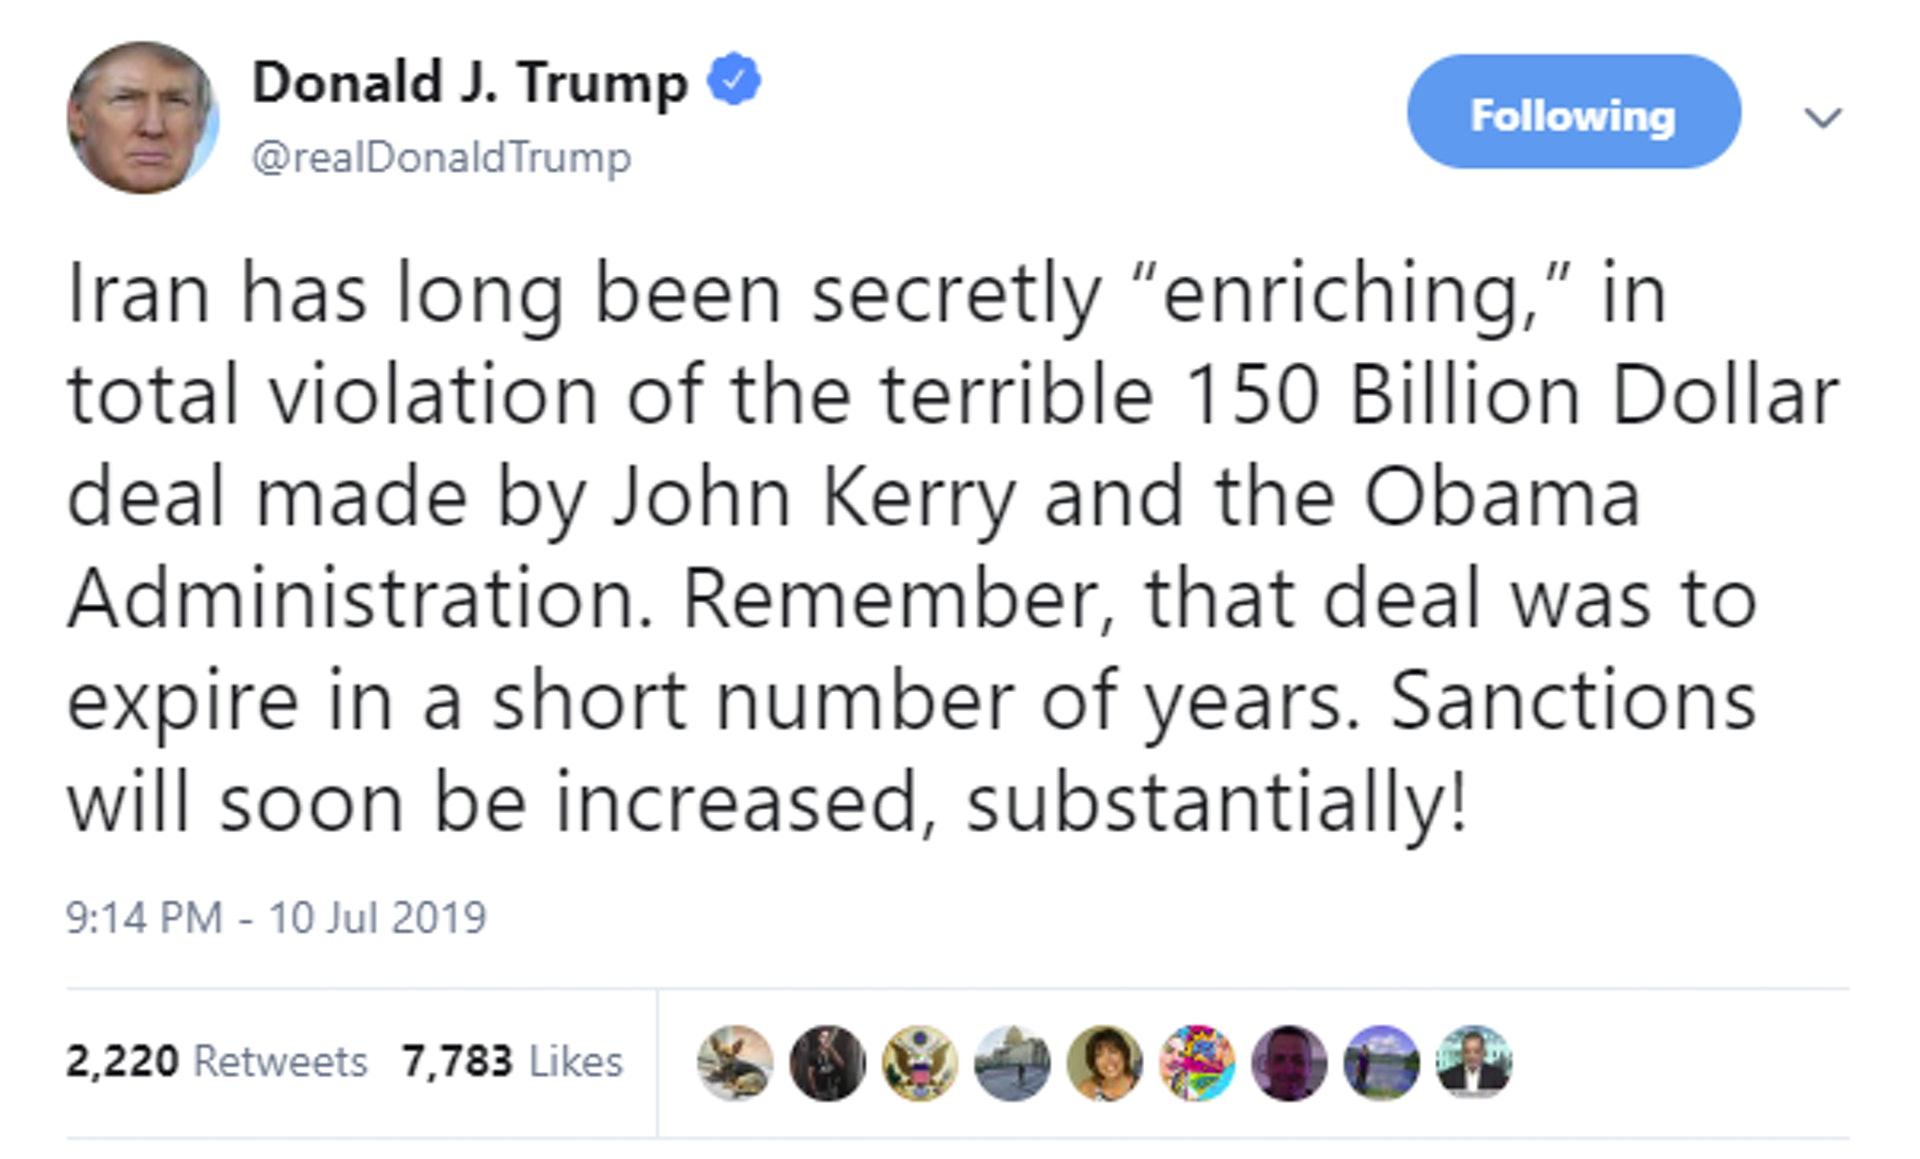 特朗普指很快再加强制裁伊朗(图源:特朗普Twitter)